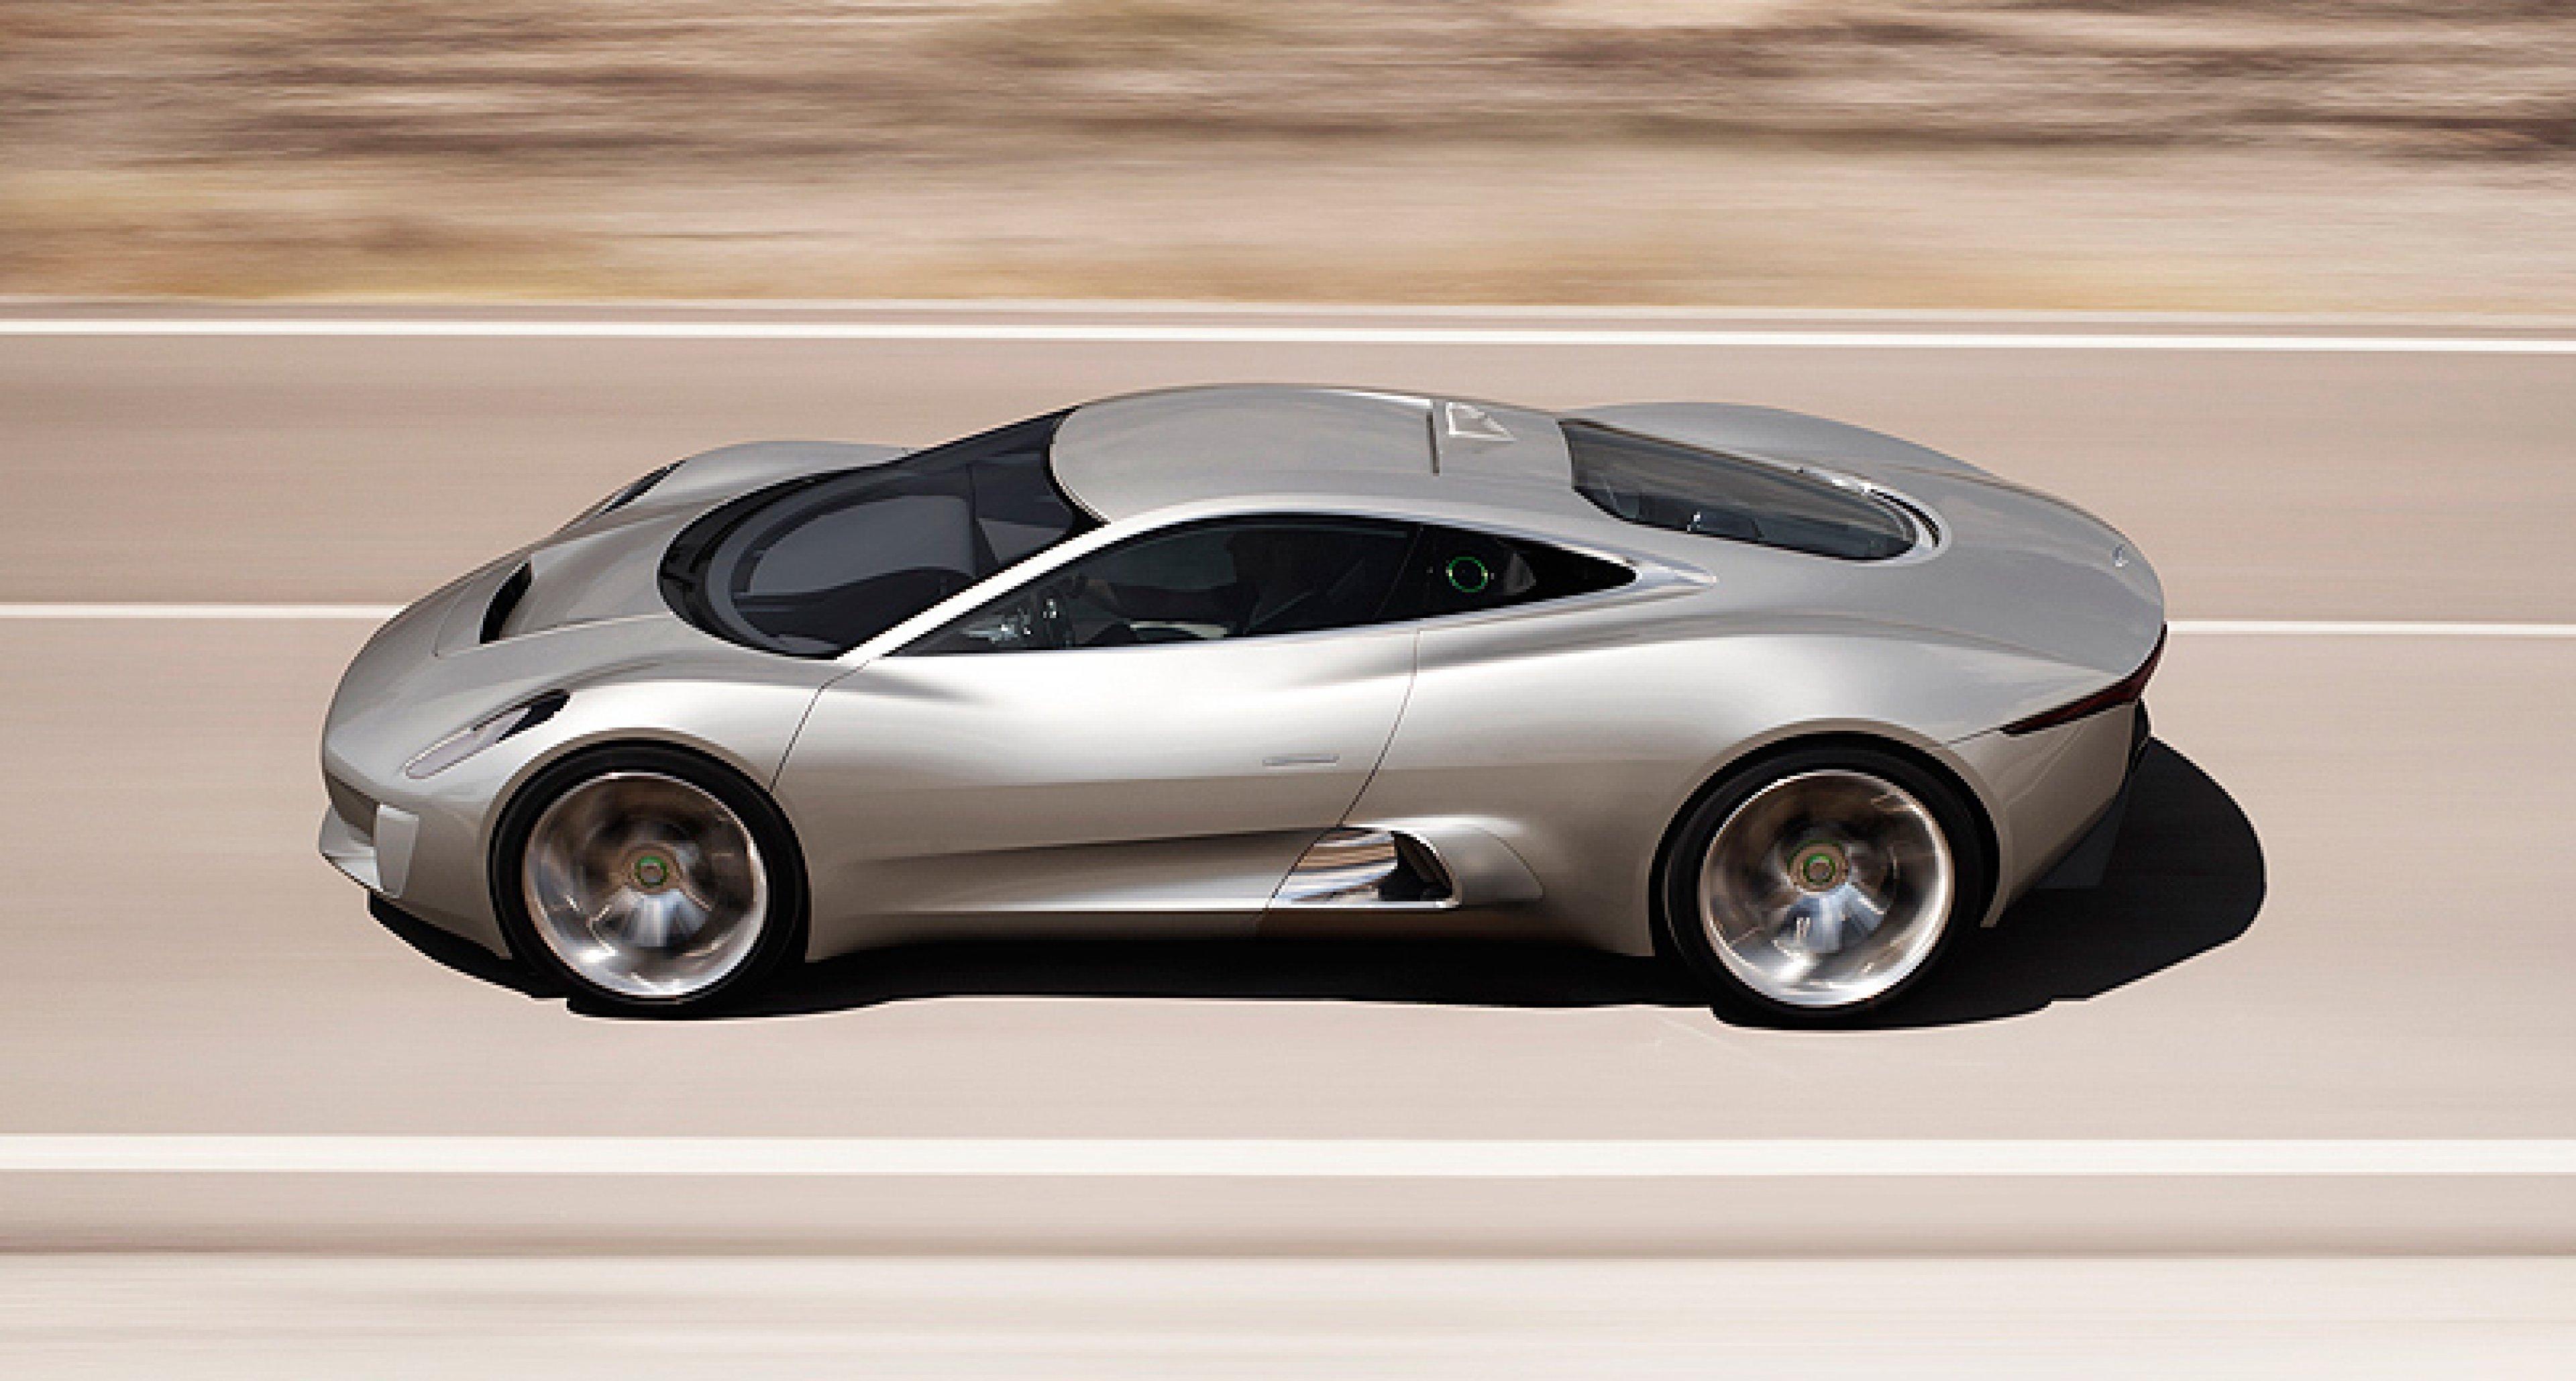 Jaguar to put C-X75 hybrid supercar into production